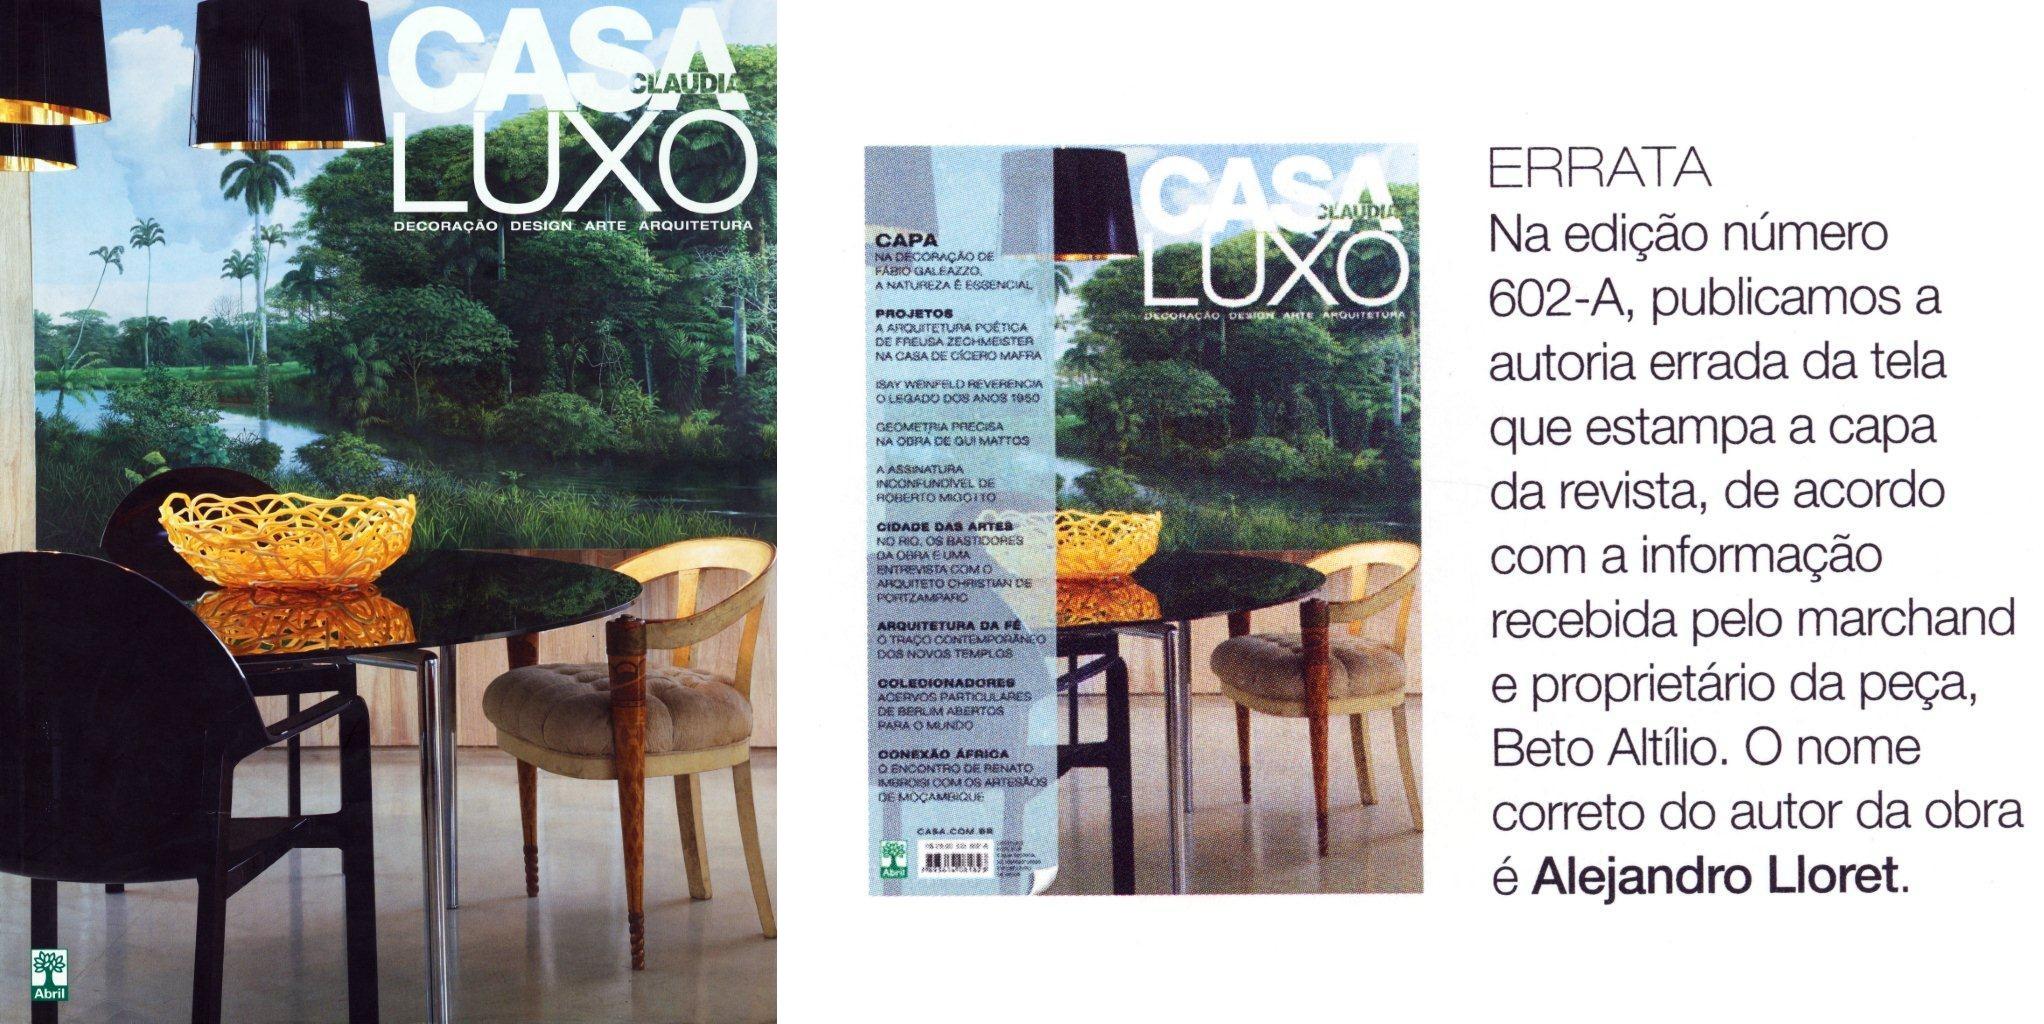 Casa Claudia Luxo